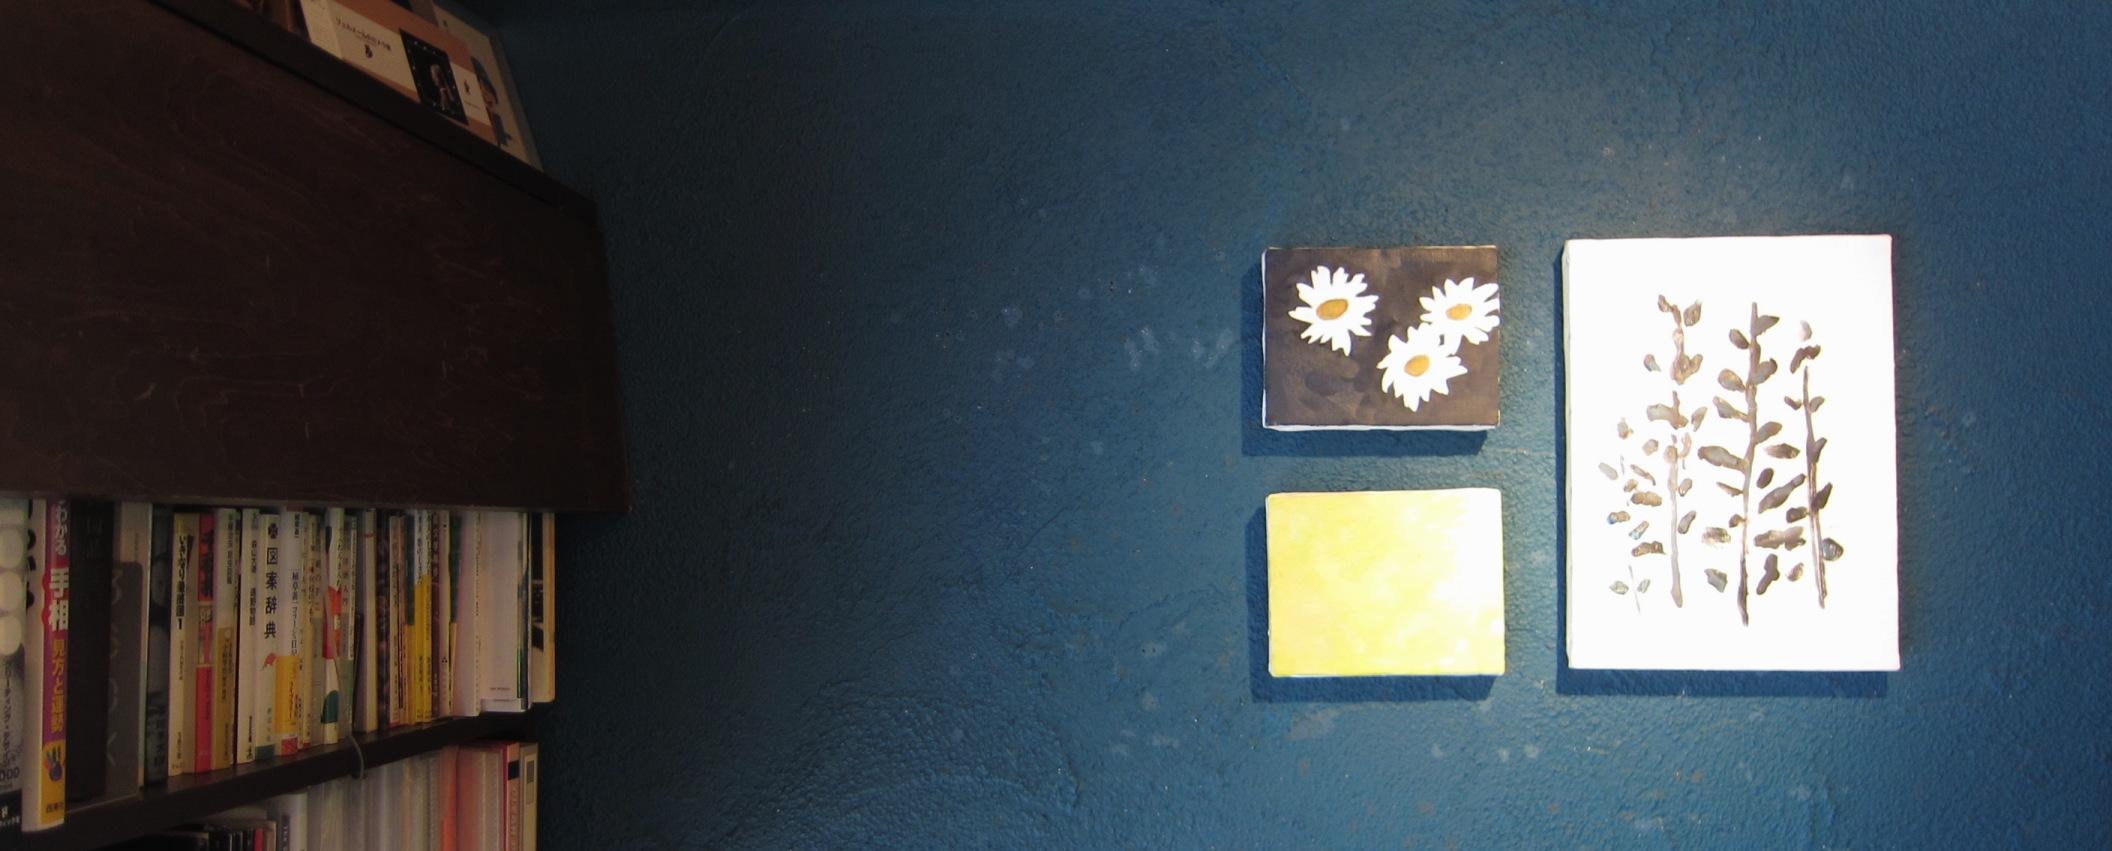 2021)「千葉加菜子 油彩画展 『出せない手紙と日々のこと』」カフェエスキス 4月4日(木)~4月30日(火)_f0126829_2263773.jpg